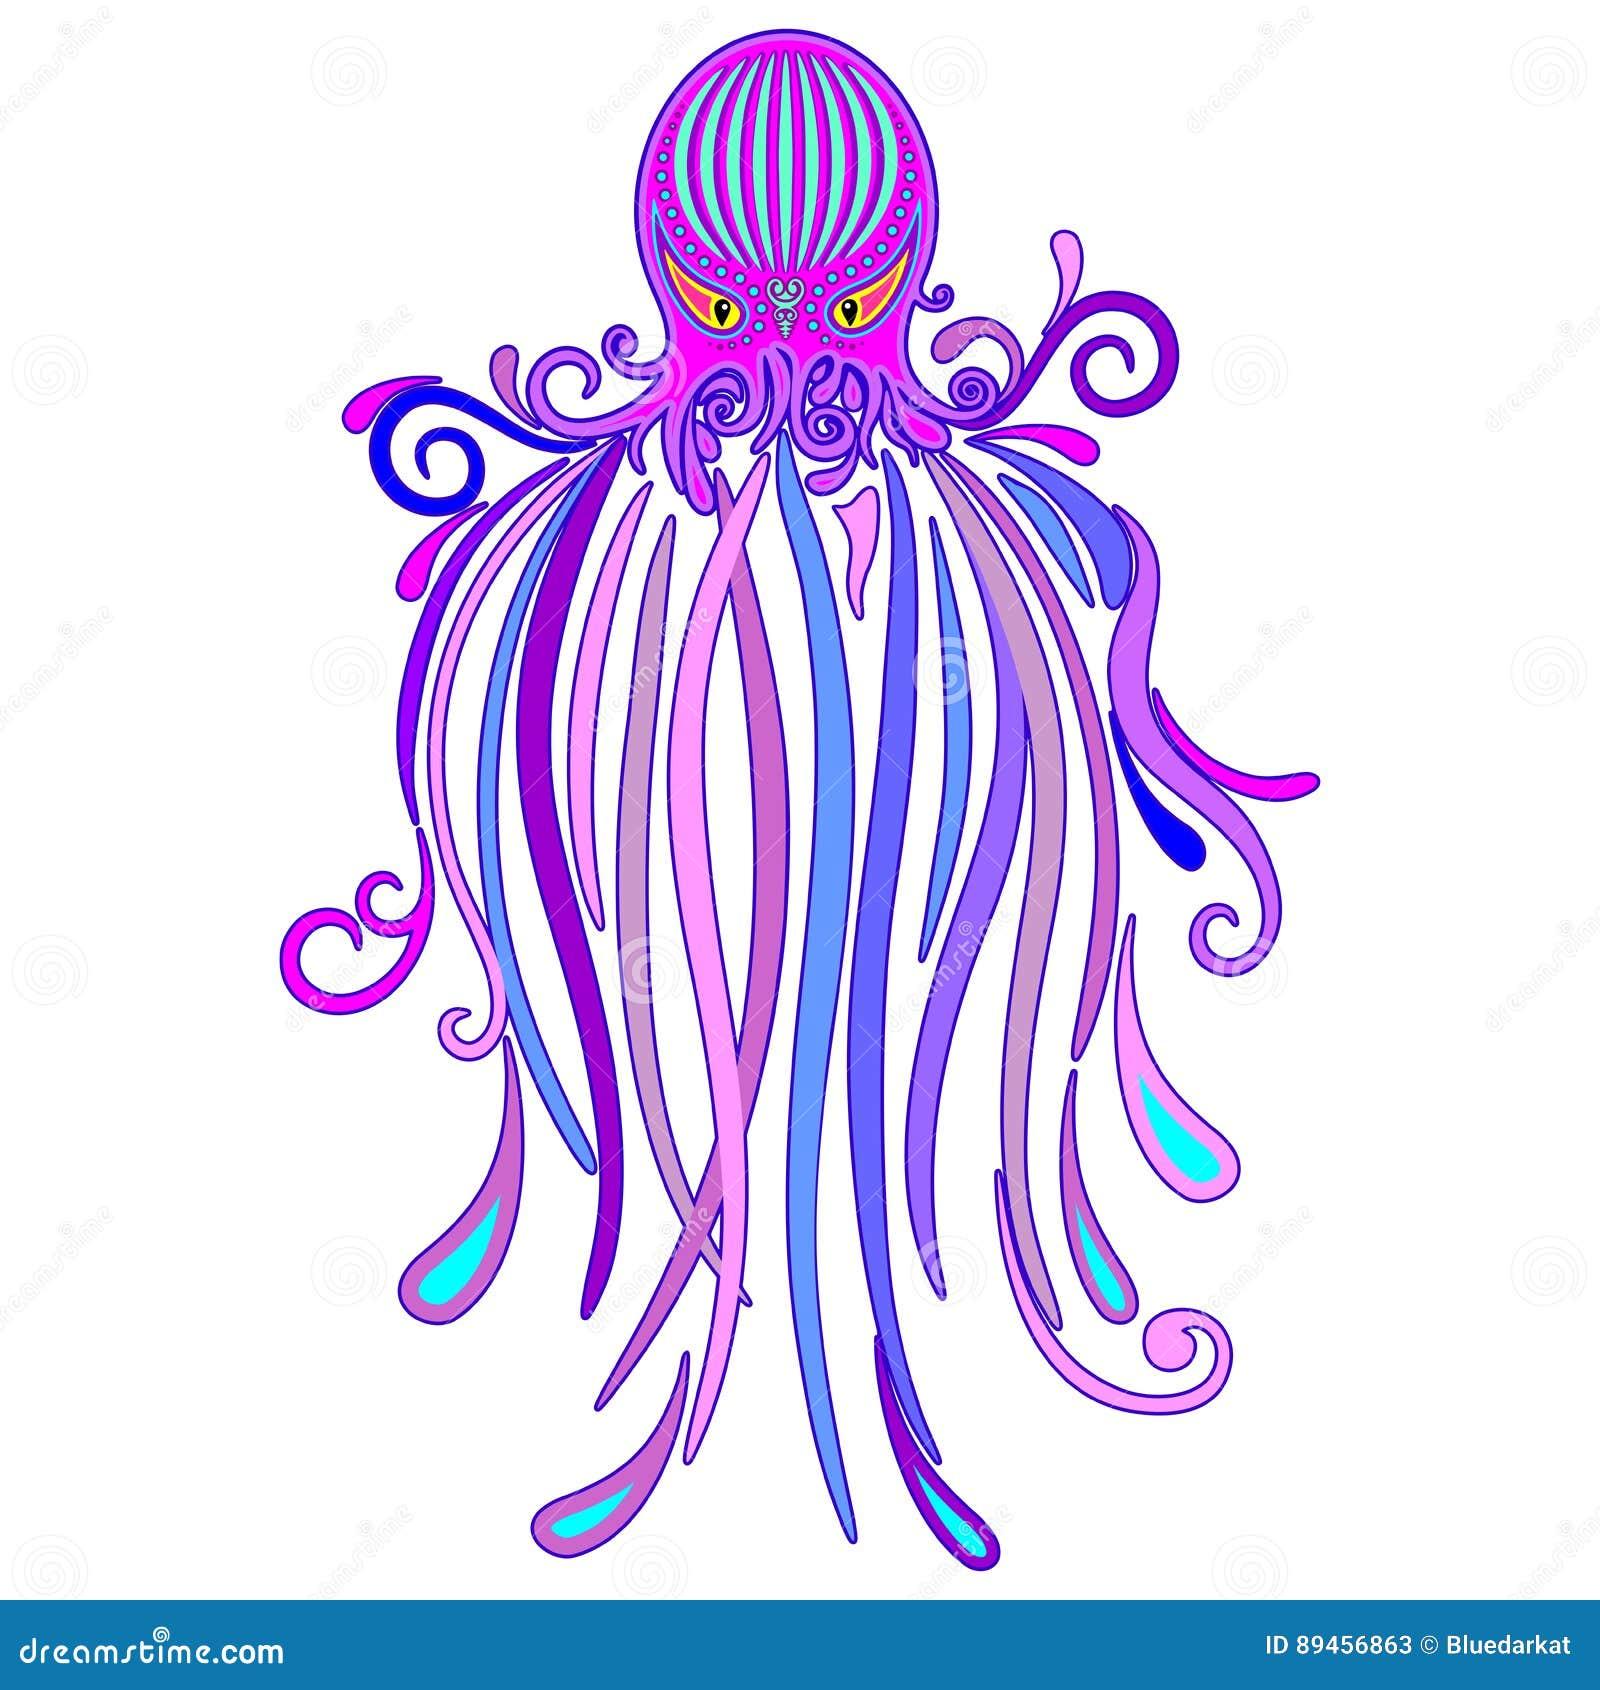 Octopus Tattoo Style